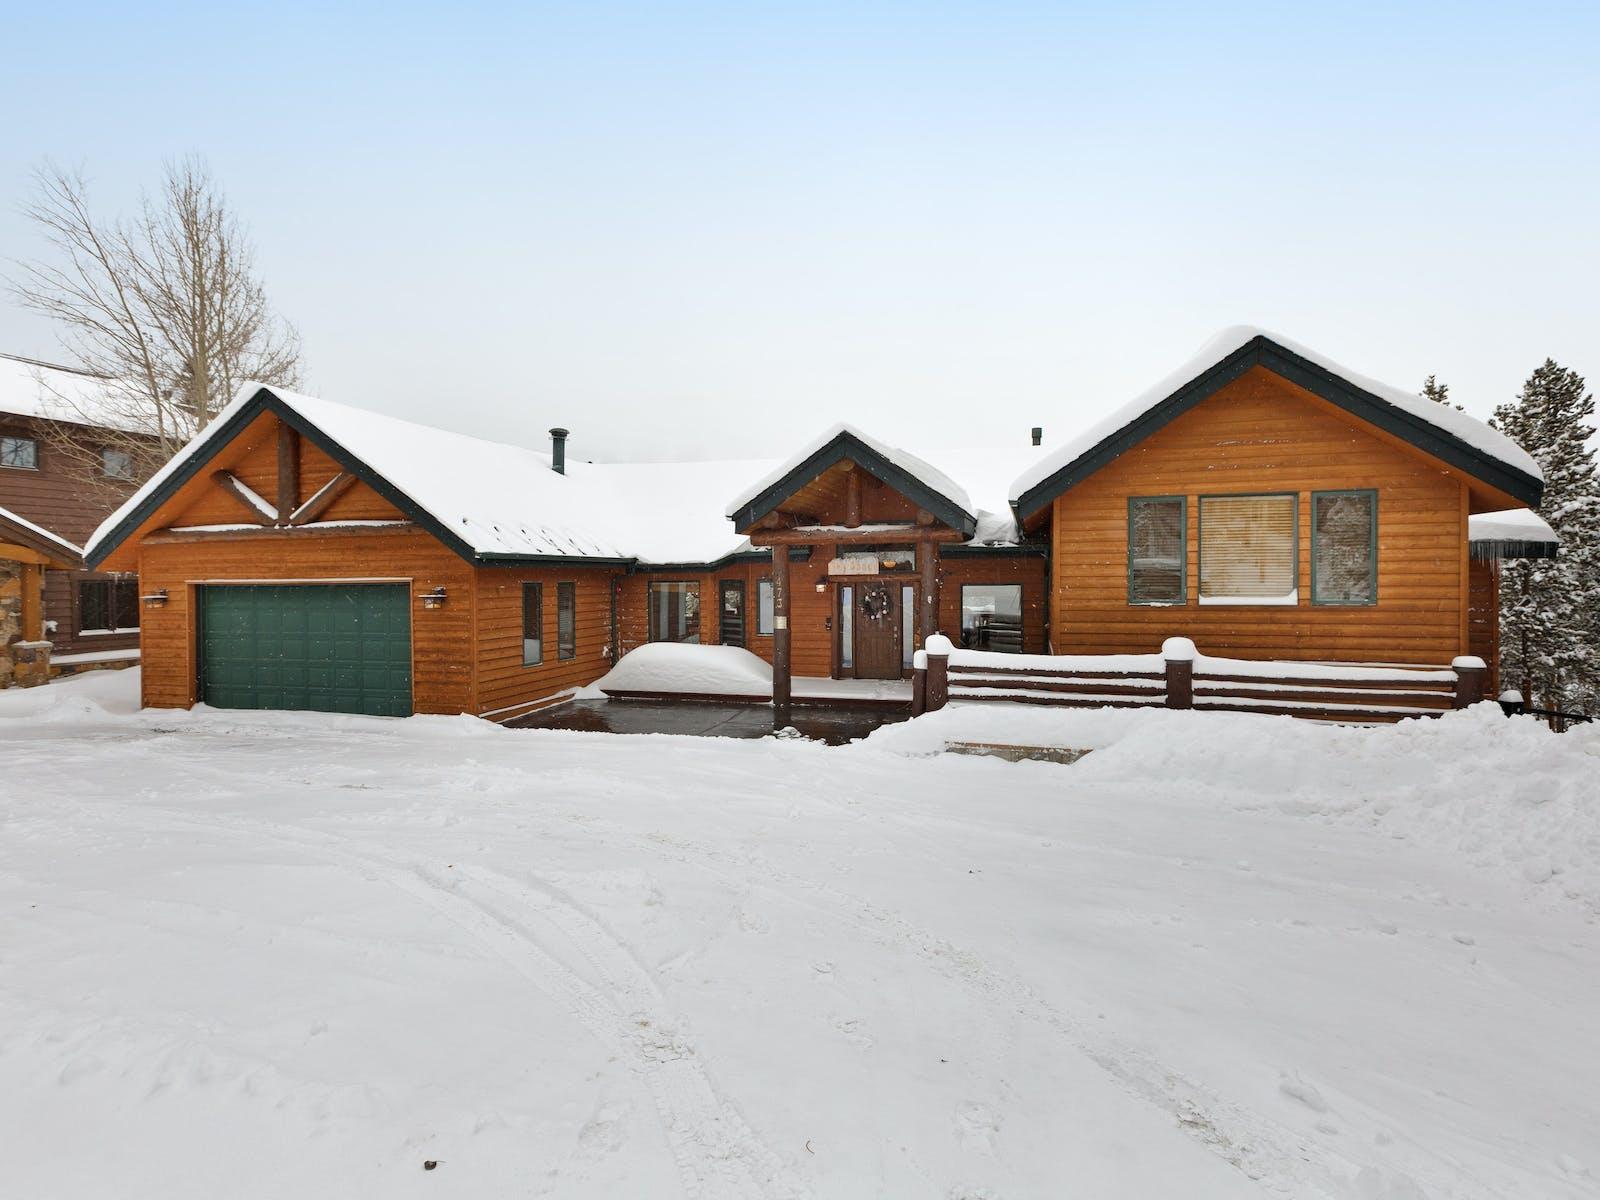 vacation cabin with green garage door in breckenridge, co